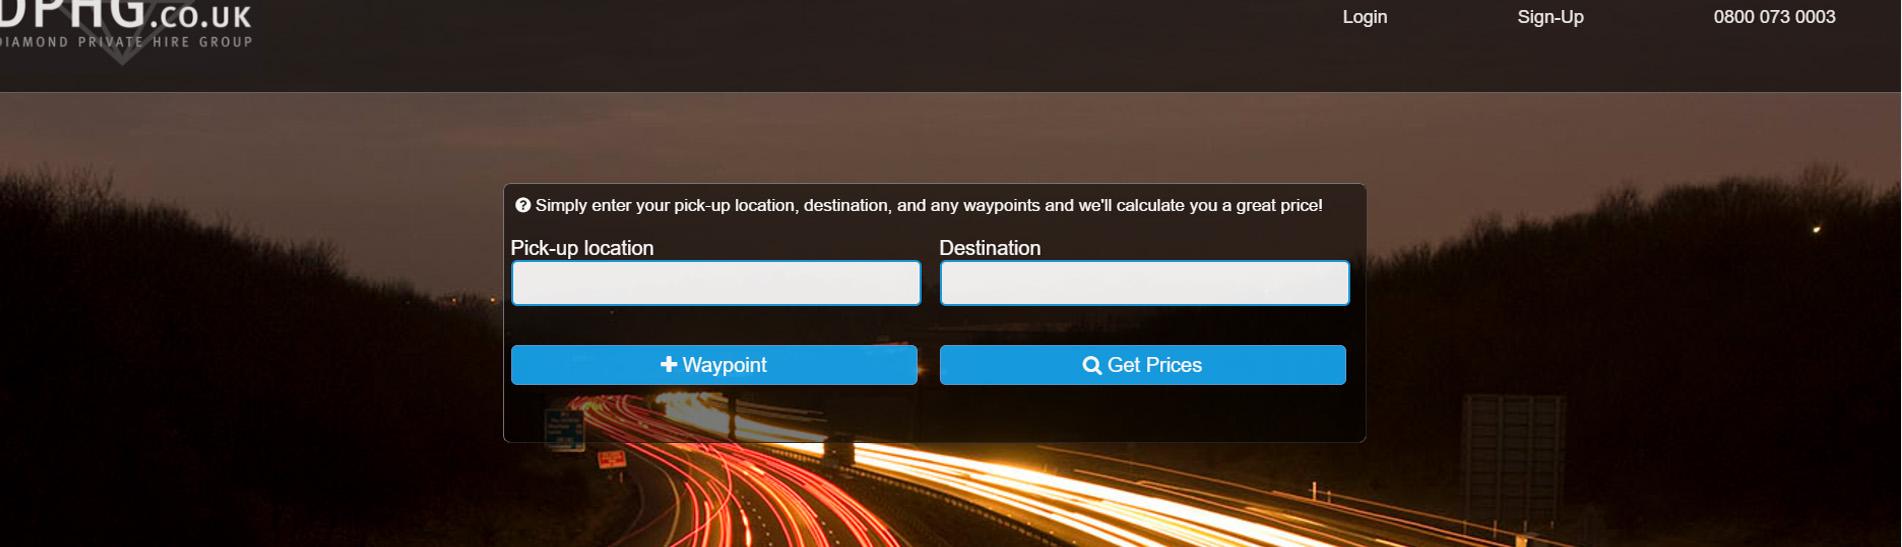 Website for dphg.co.uk